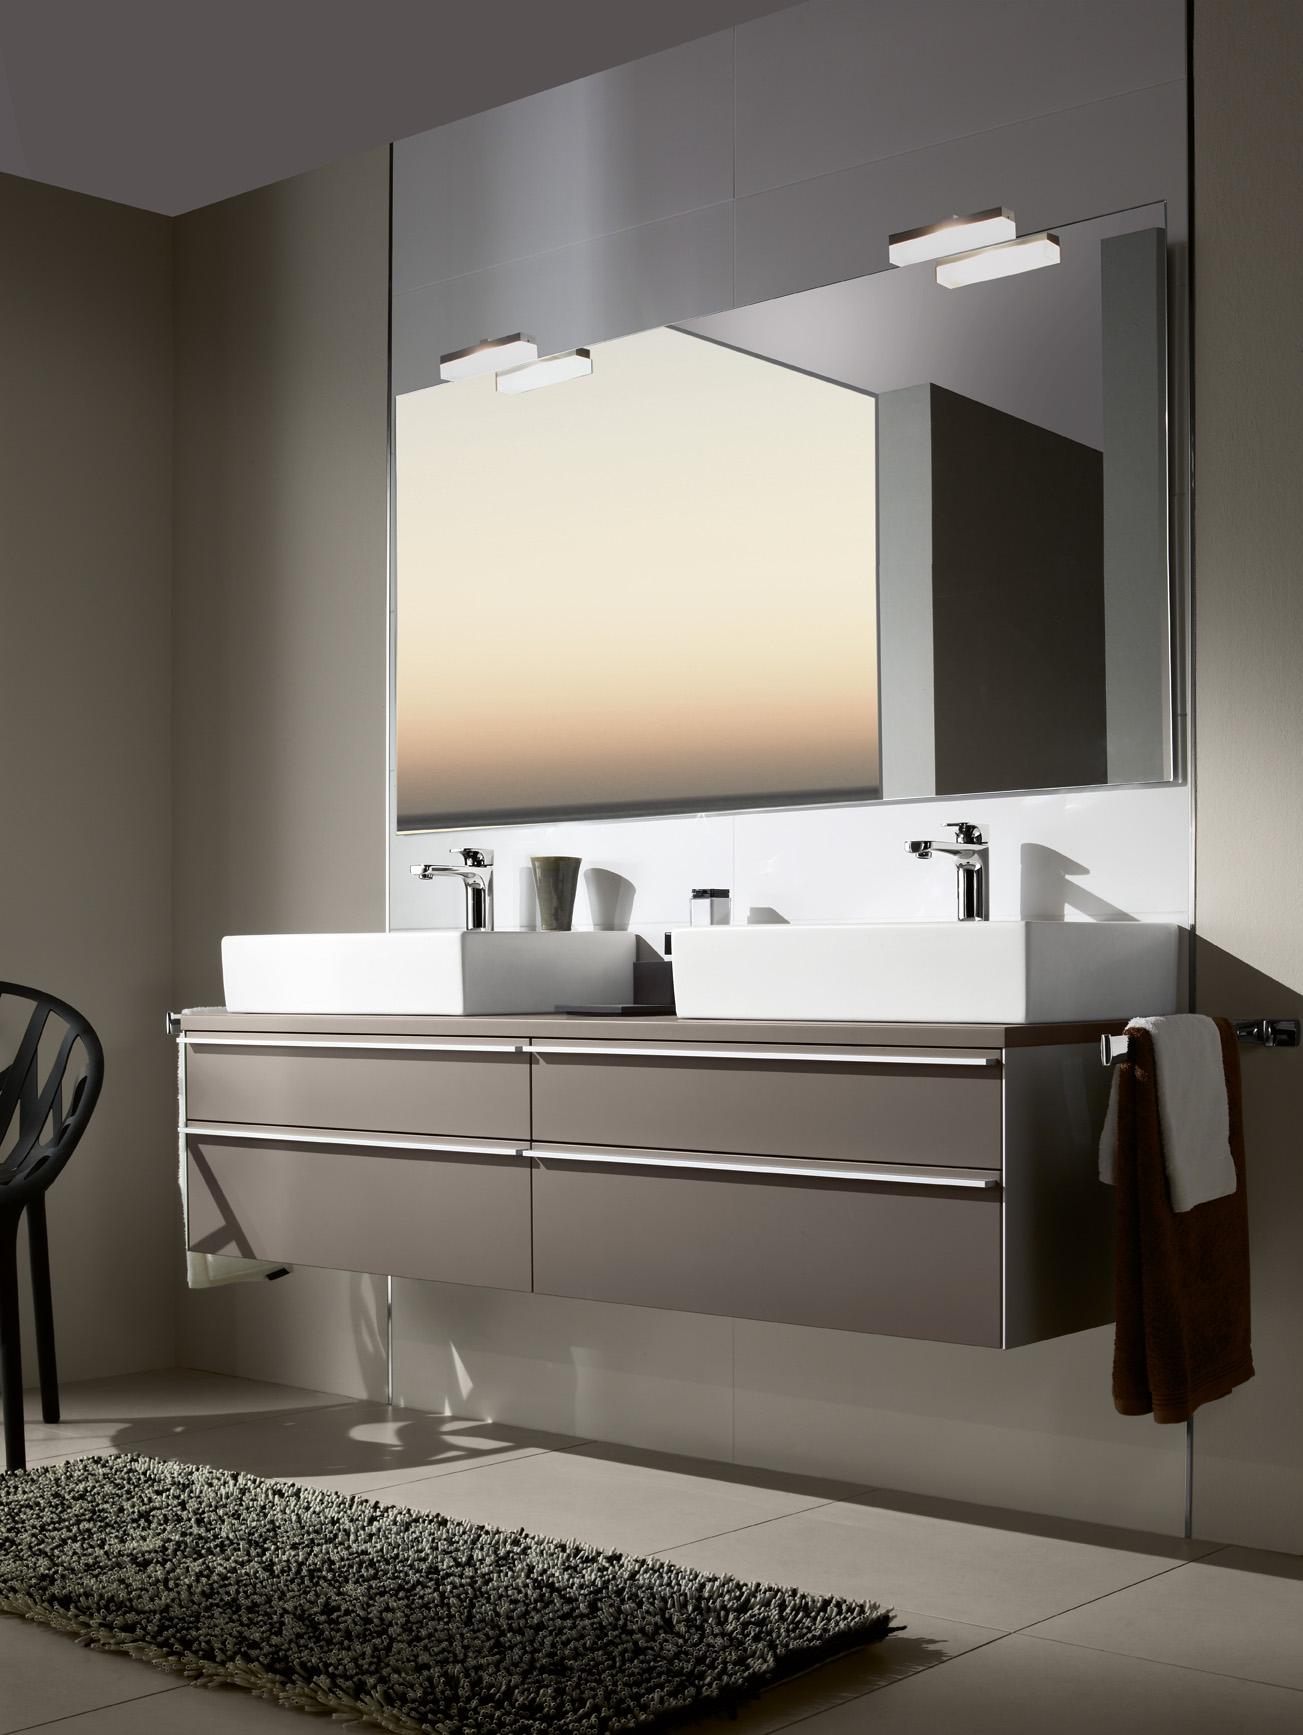 Lavamanos Baño Pequeno:por su versatilidad, por ello, Villeroy & Boch ofrece el lavamanos